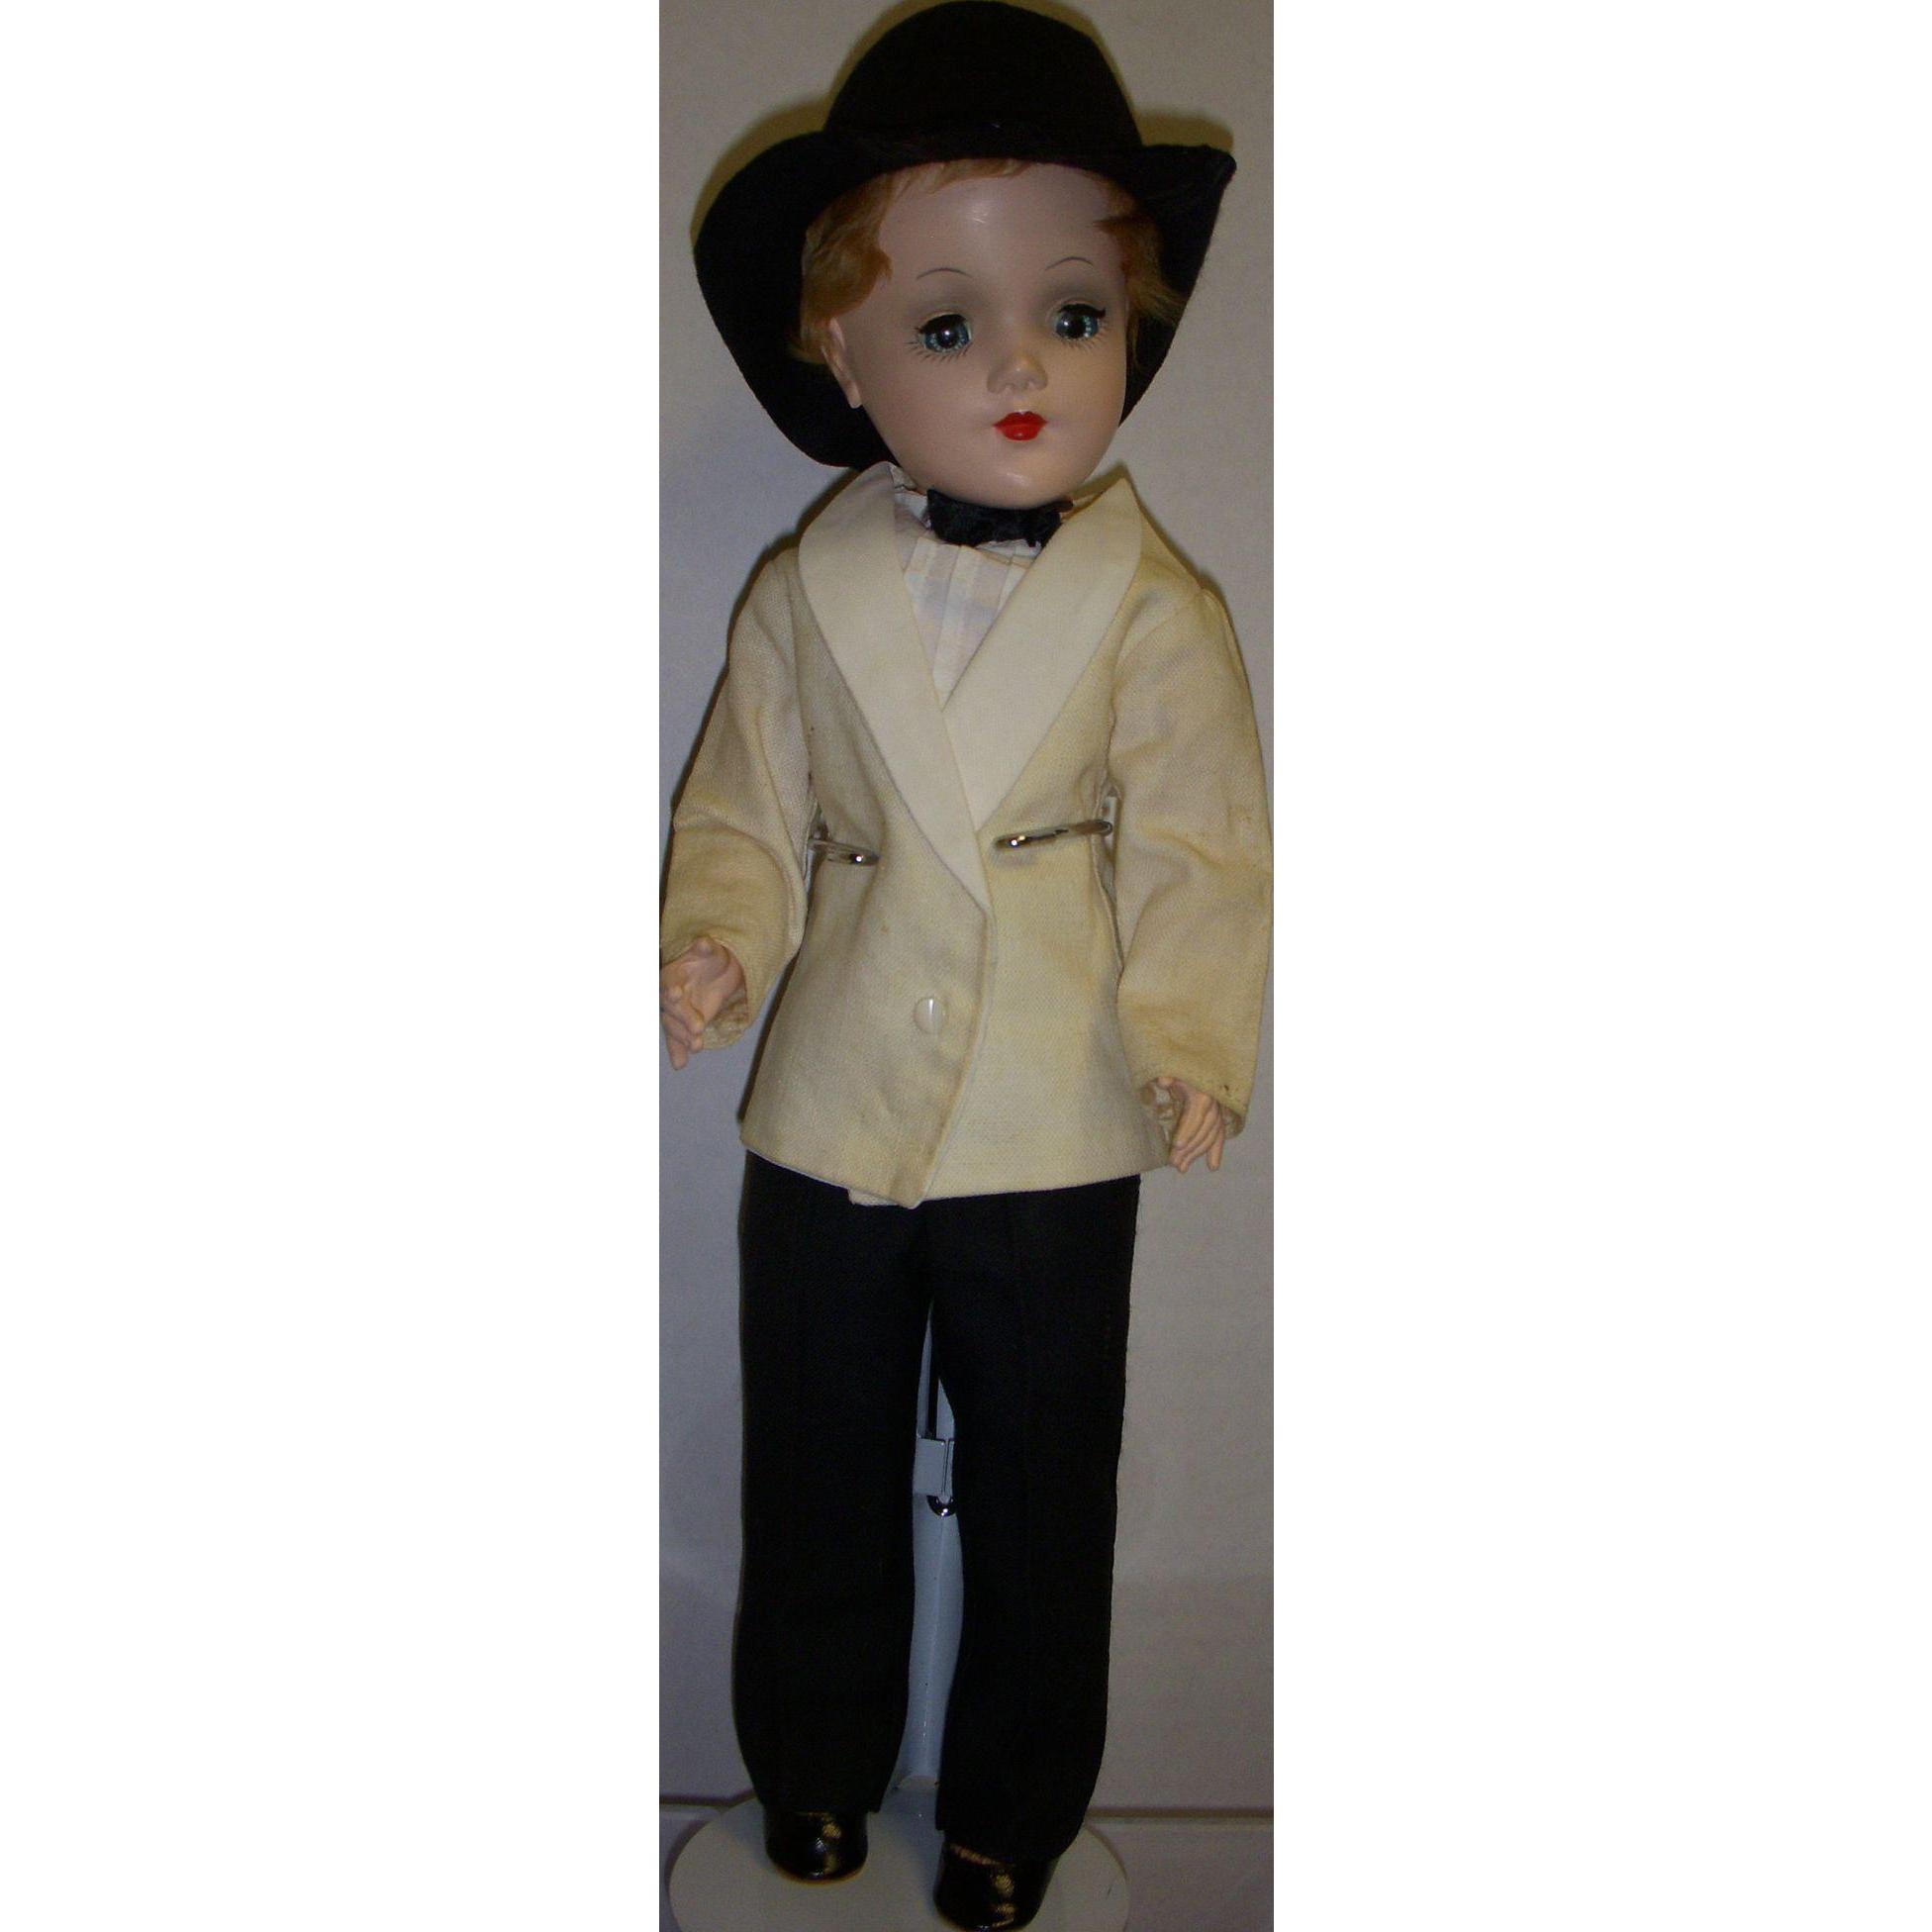 Vintage 1950s Mary Hoyer Boy Doll